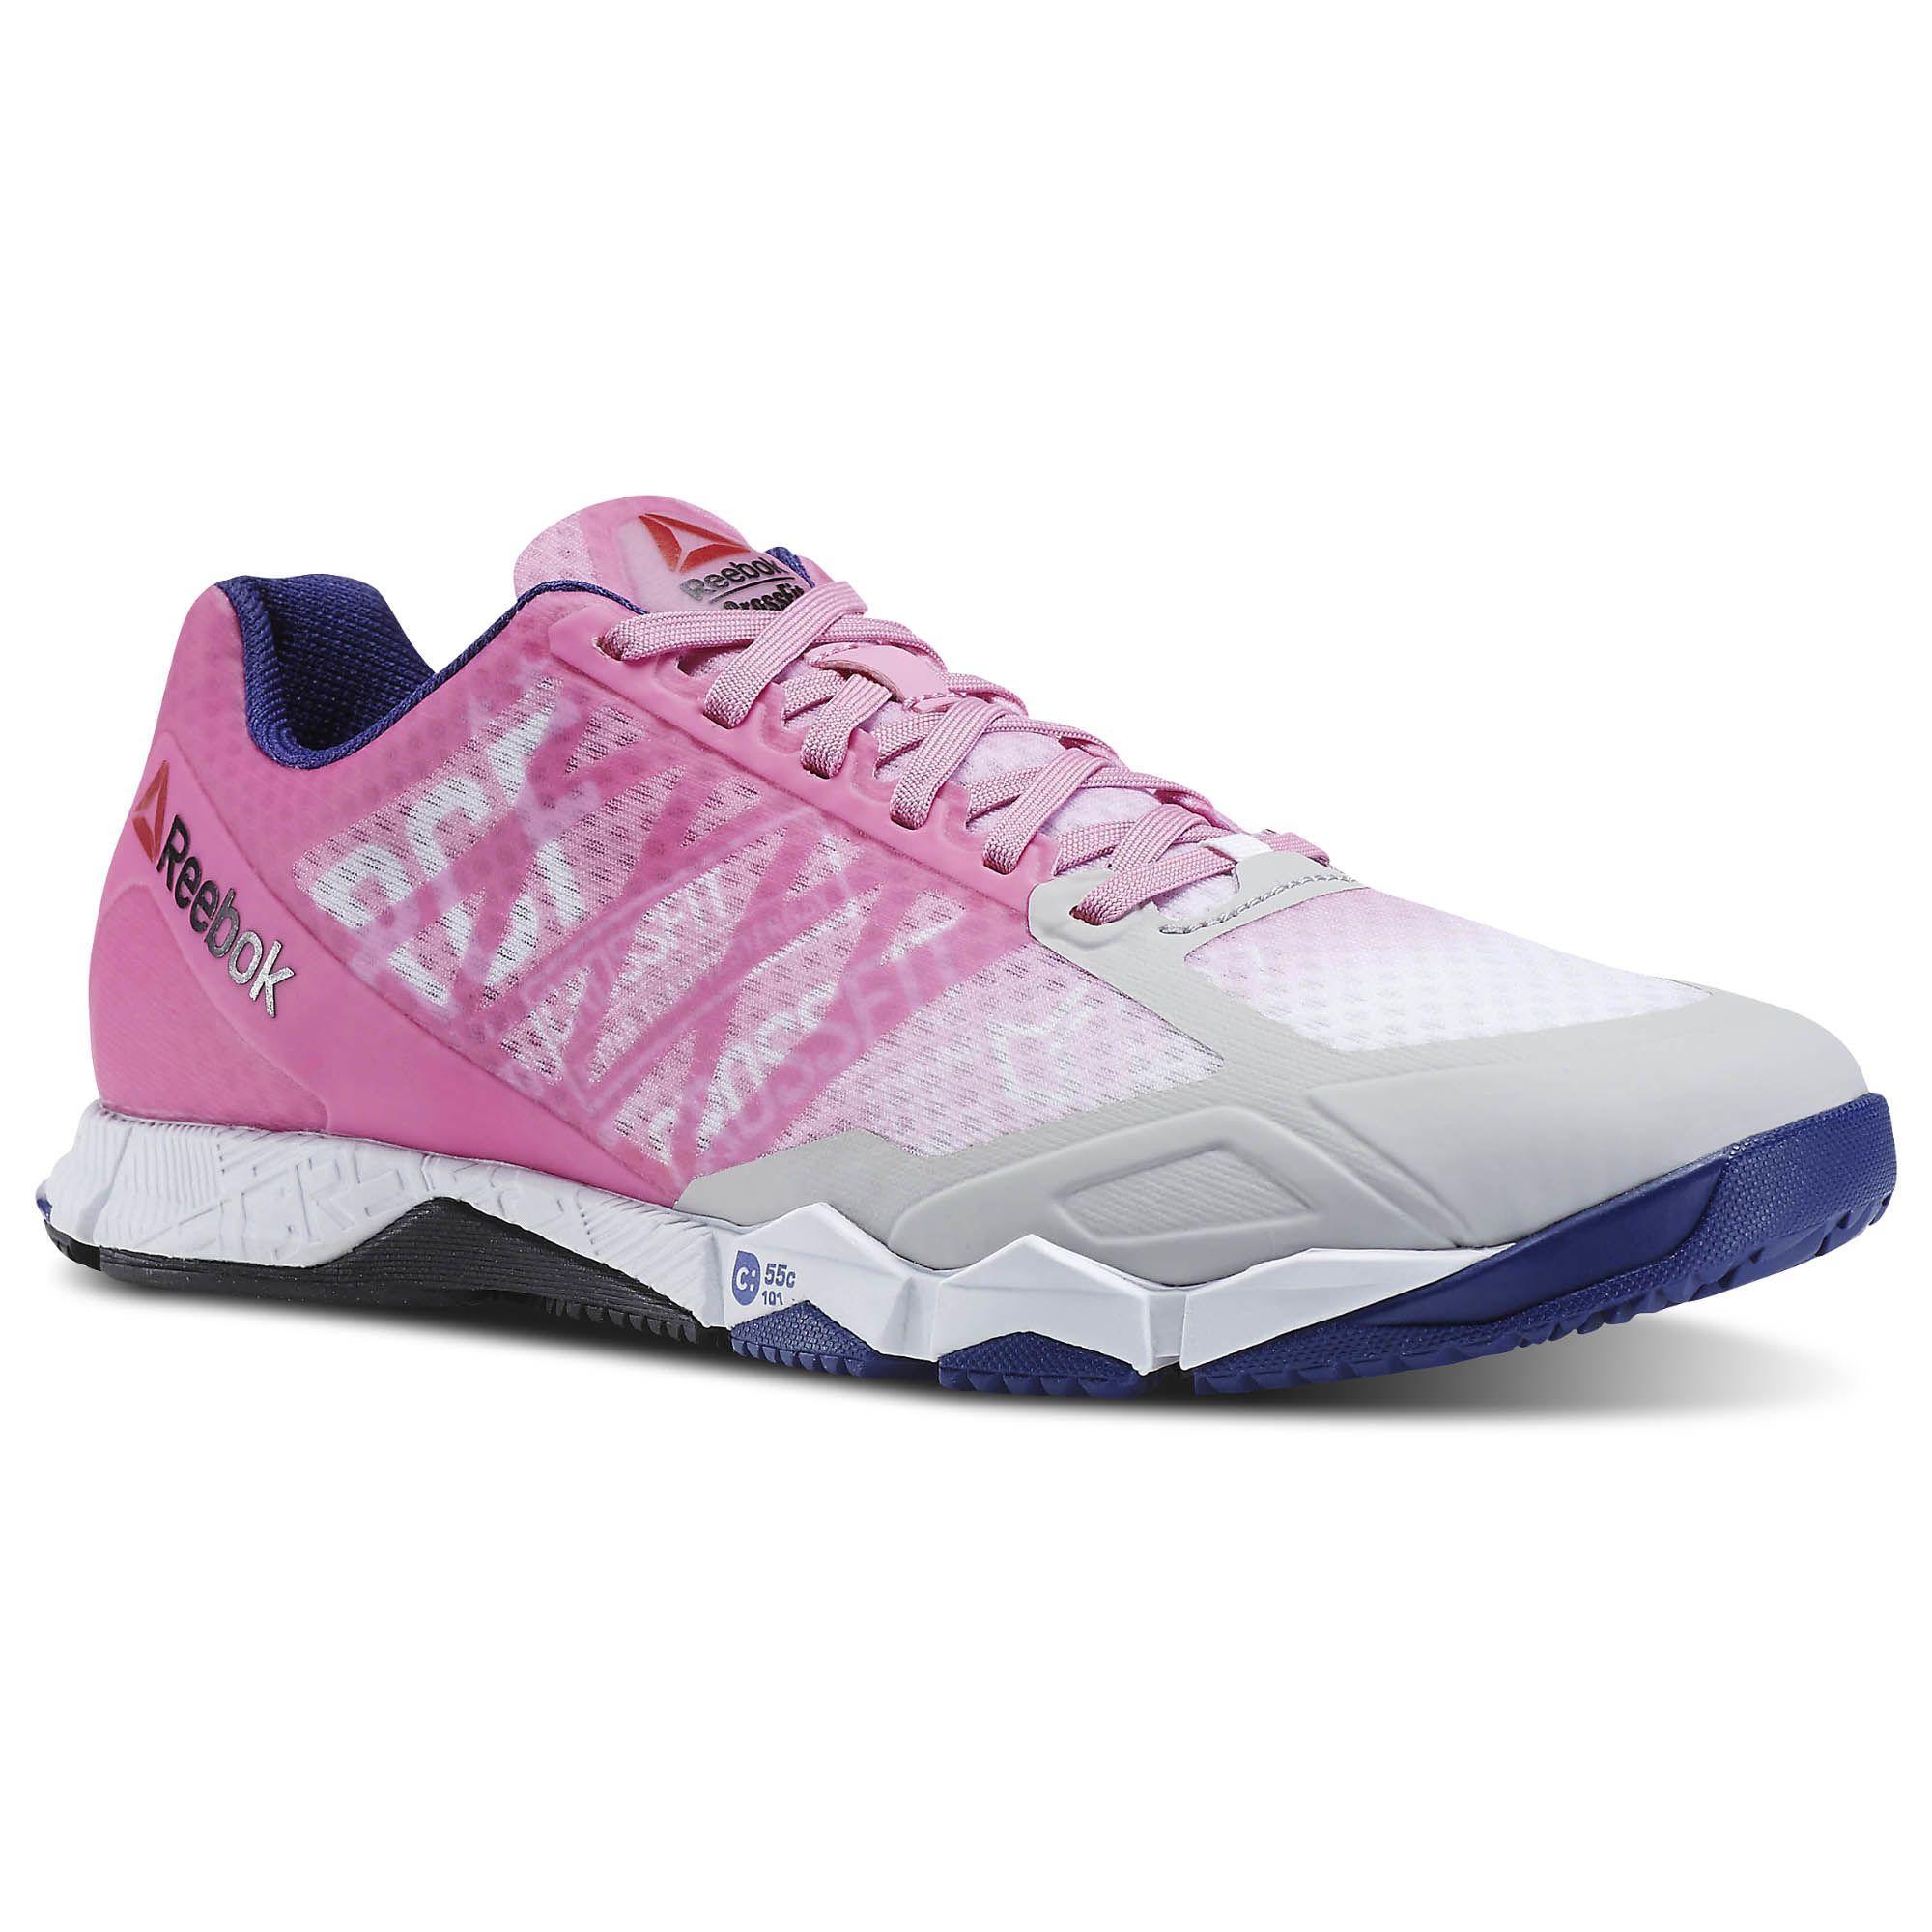 Sorry Page Reebok Crossfit Crossfit Shoes Pink Reebok